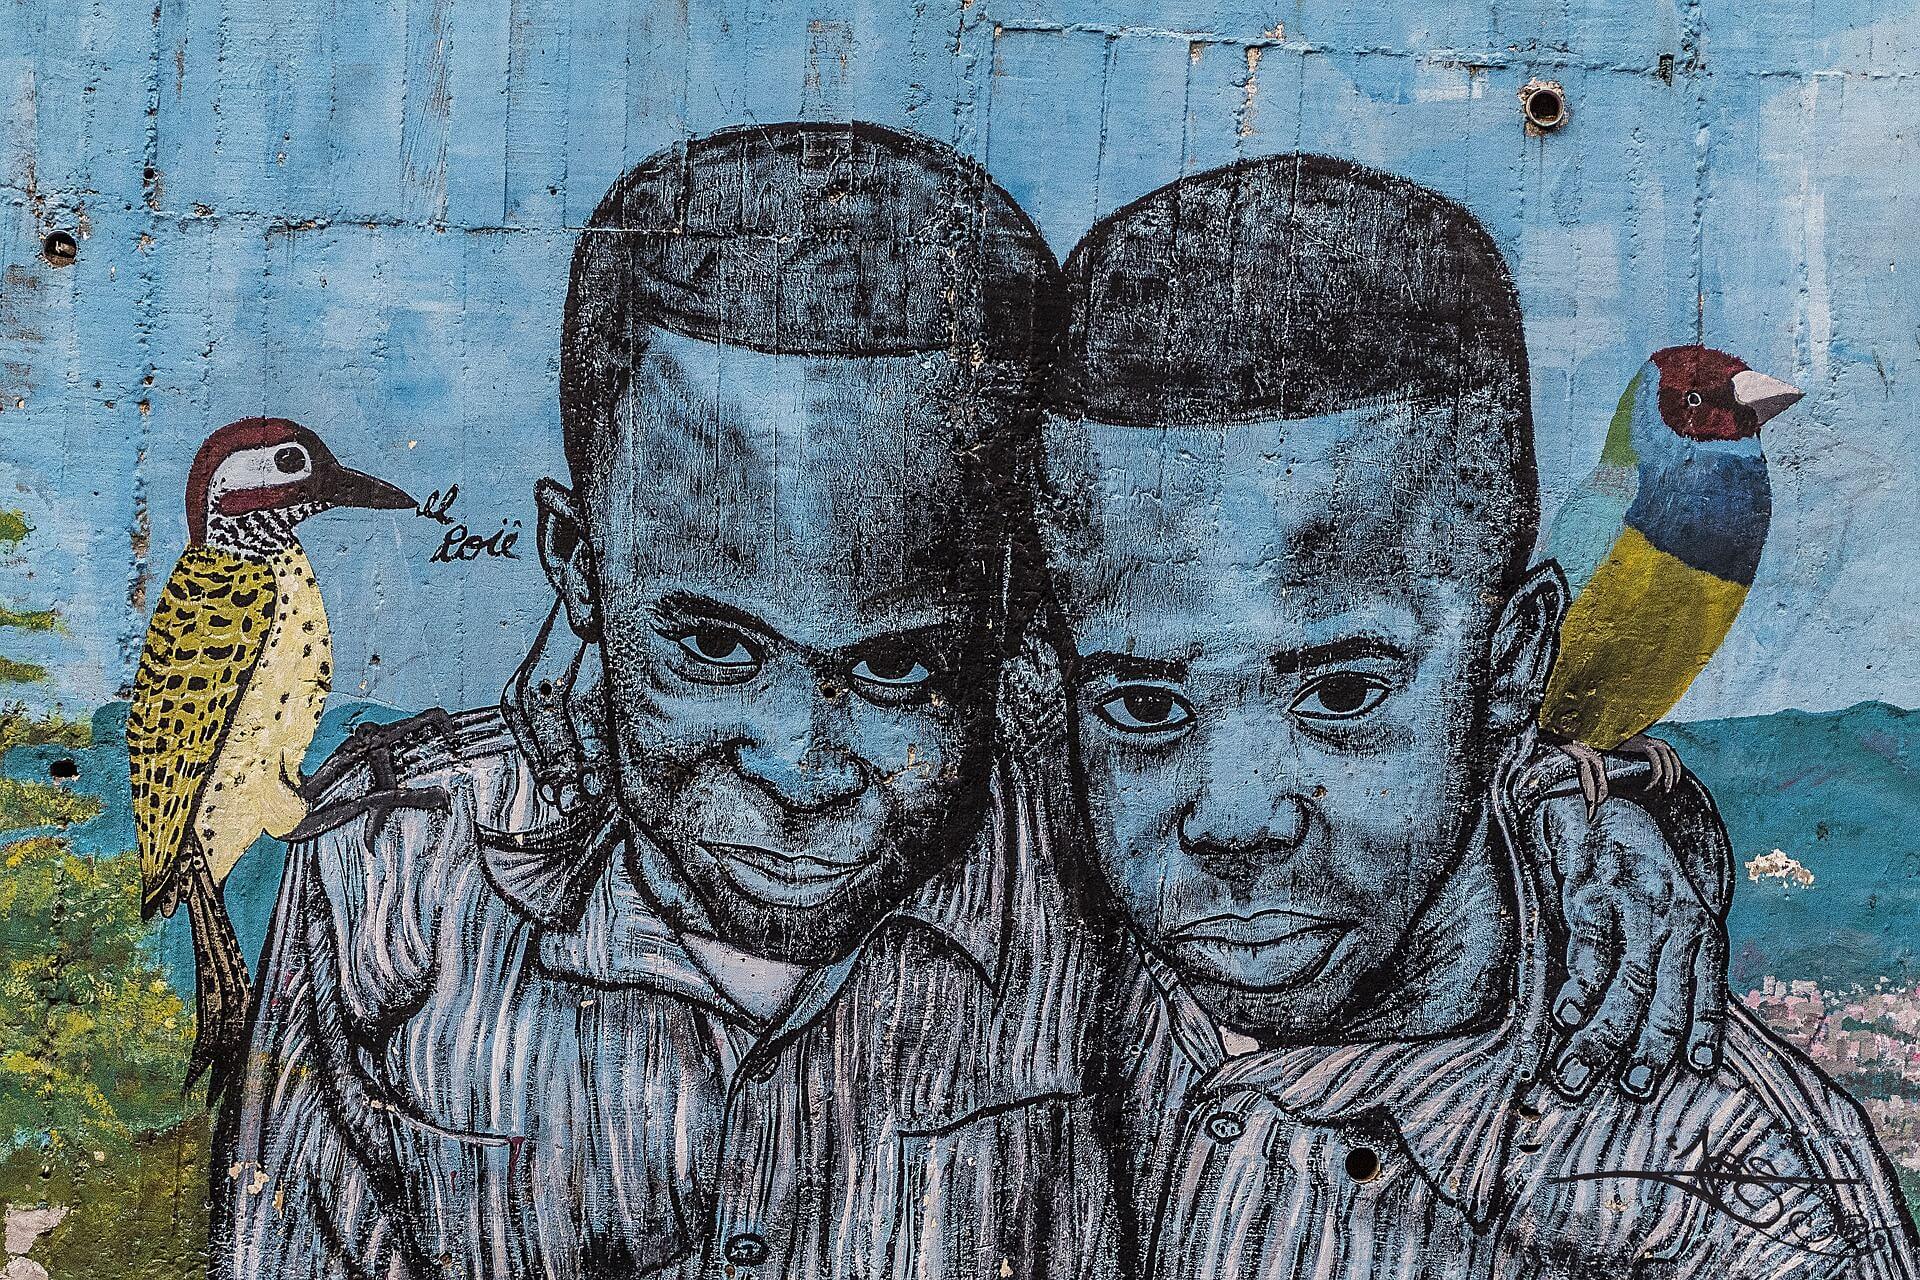 Graffiti w dzielnicy San Javier, znanej też jako Comuna 13. Kiedyś uważana za najniebezpieczniejszą w mieści, dziś oferuje turytom wycieczki szlakiem graffiti